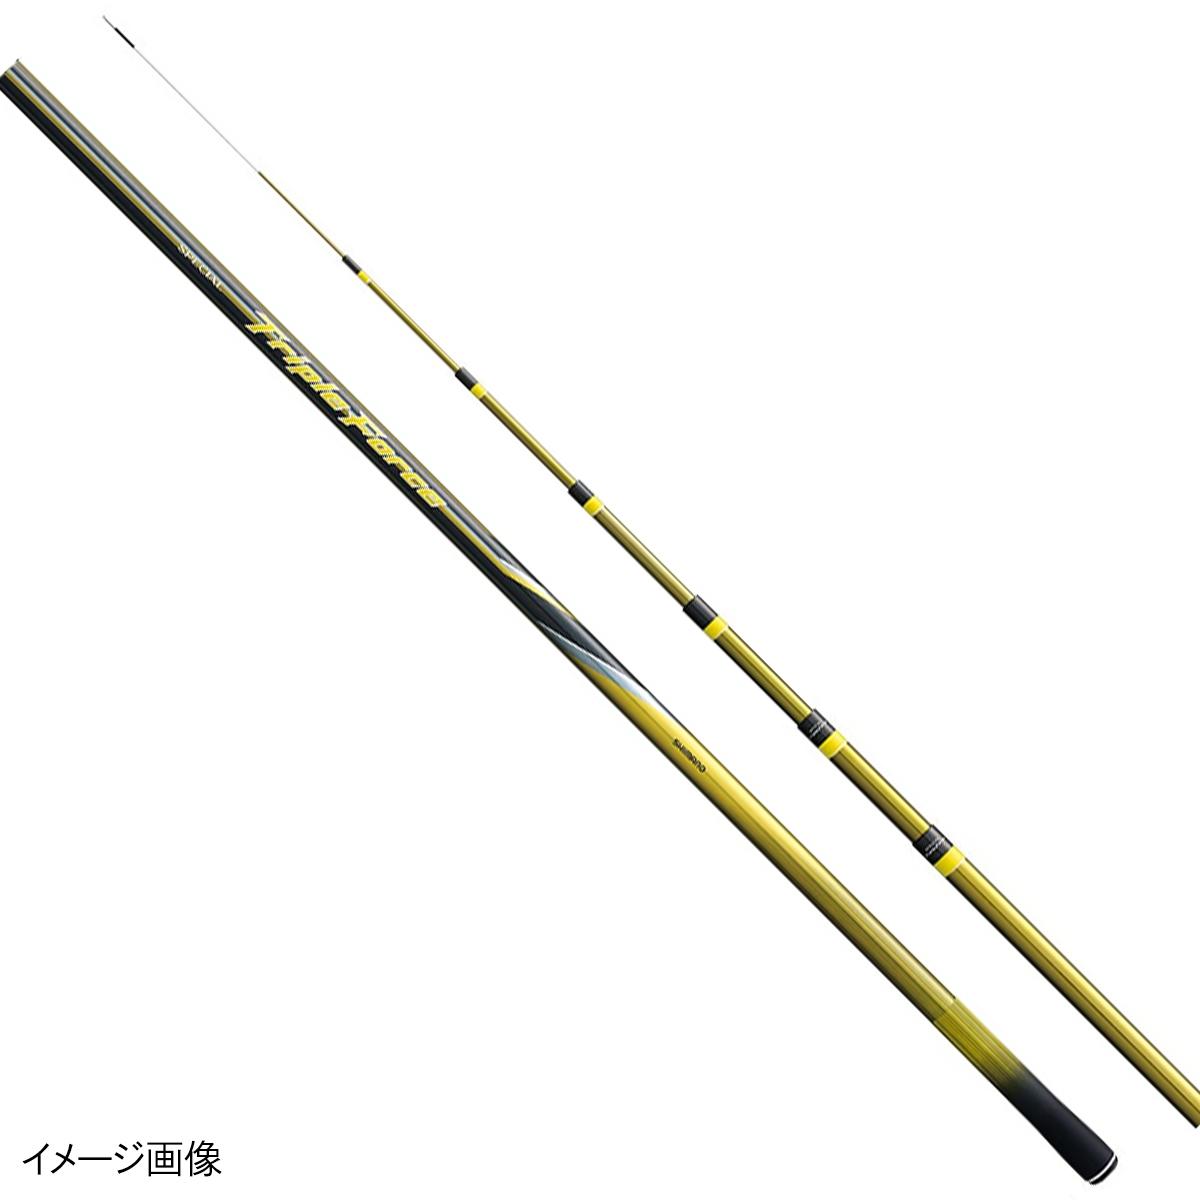 シマノ スペシャル トリプルフォース 急瀬G 90NM